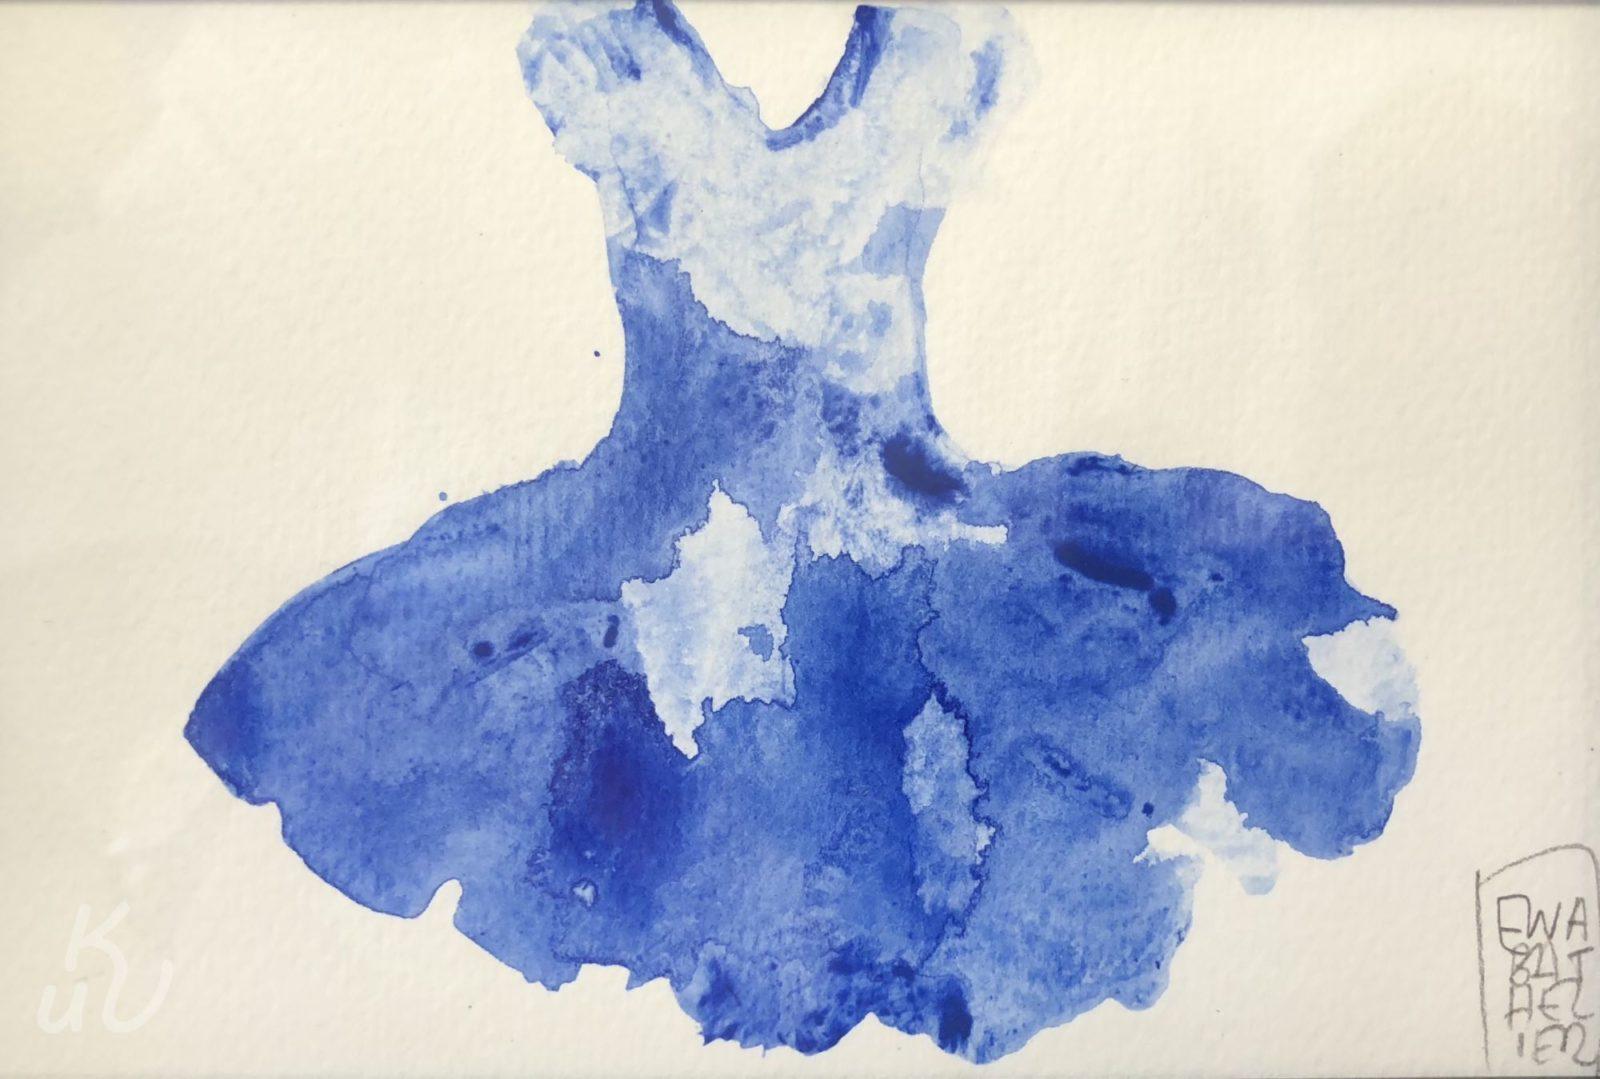 Aquarelle 4 von Ewa Bathelier